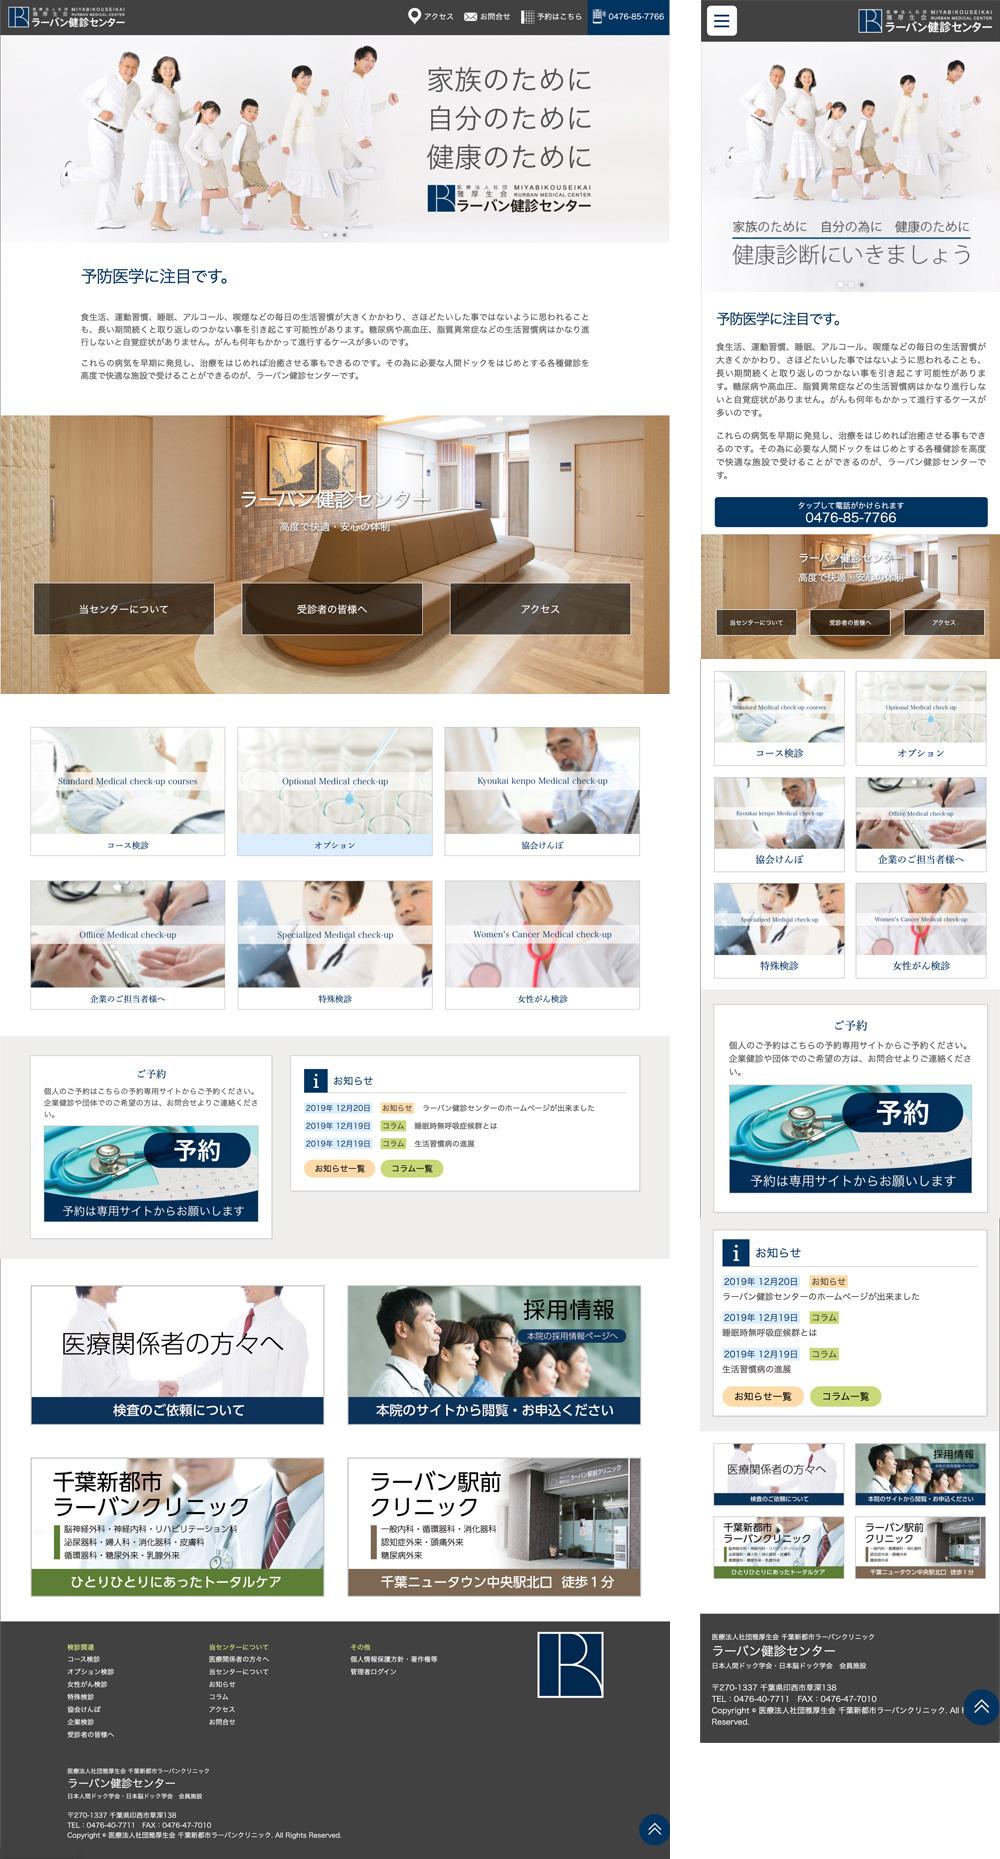 健診センター 印西 ウェブサイト